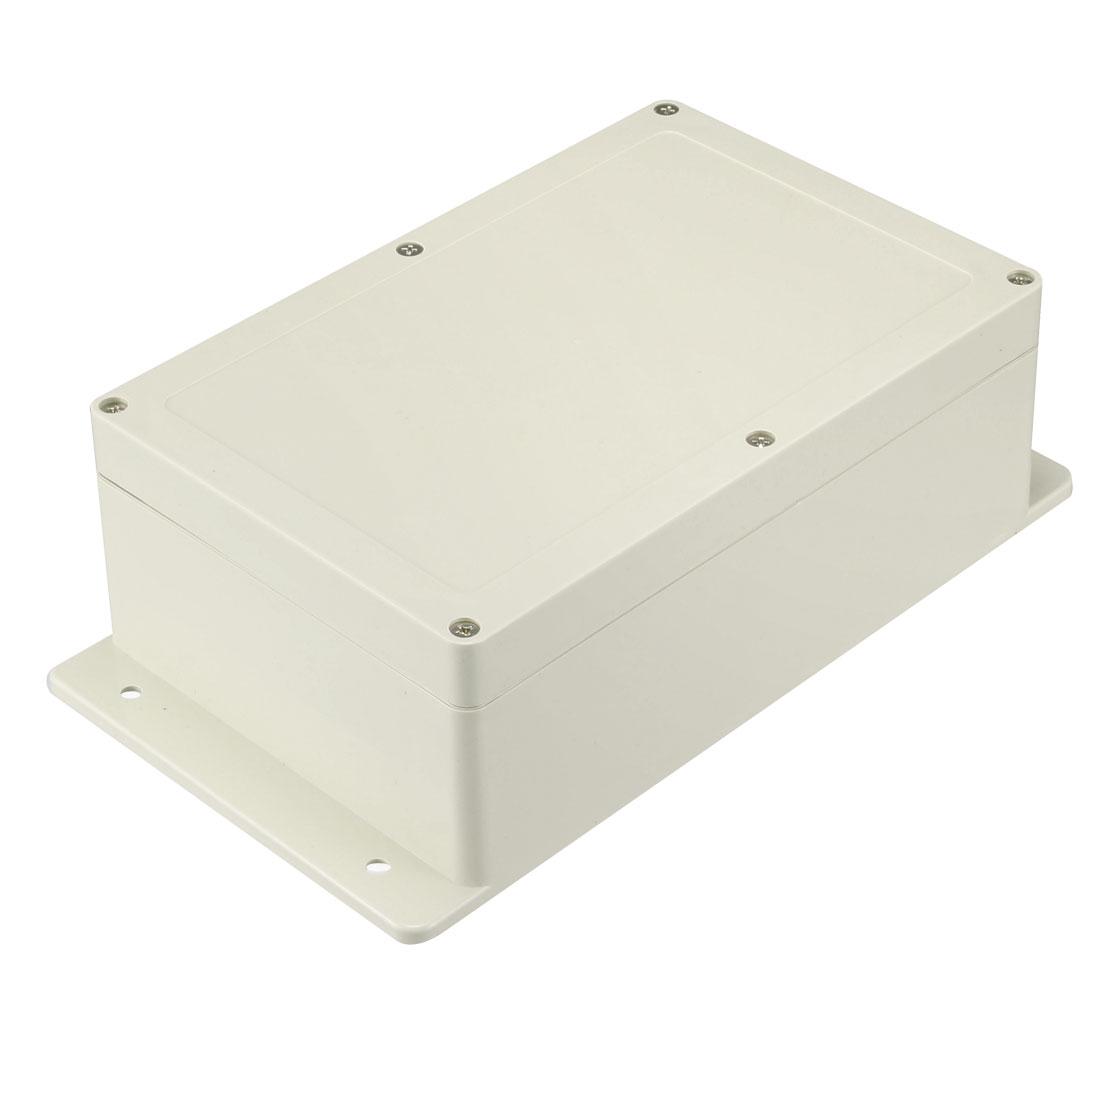 230 x 150 x 85mm Electronic ABS Plastic DIY Junction Box Enclosure Case Pale